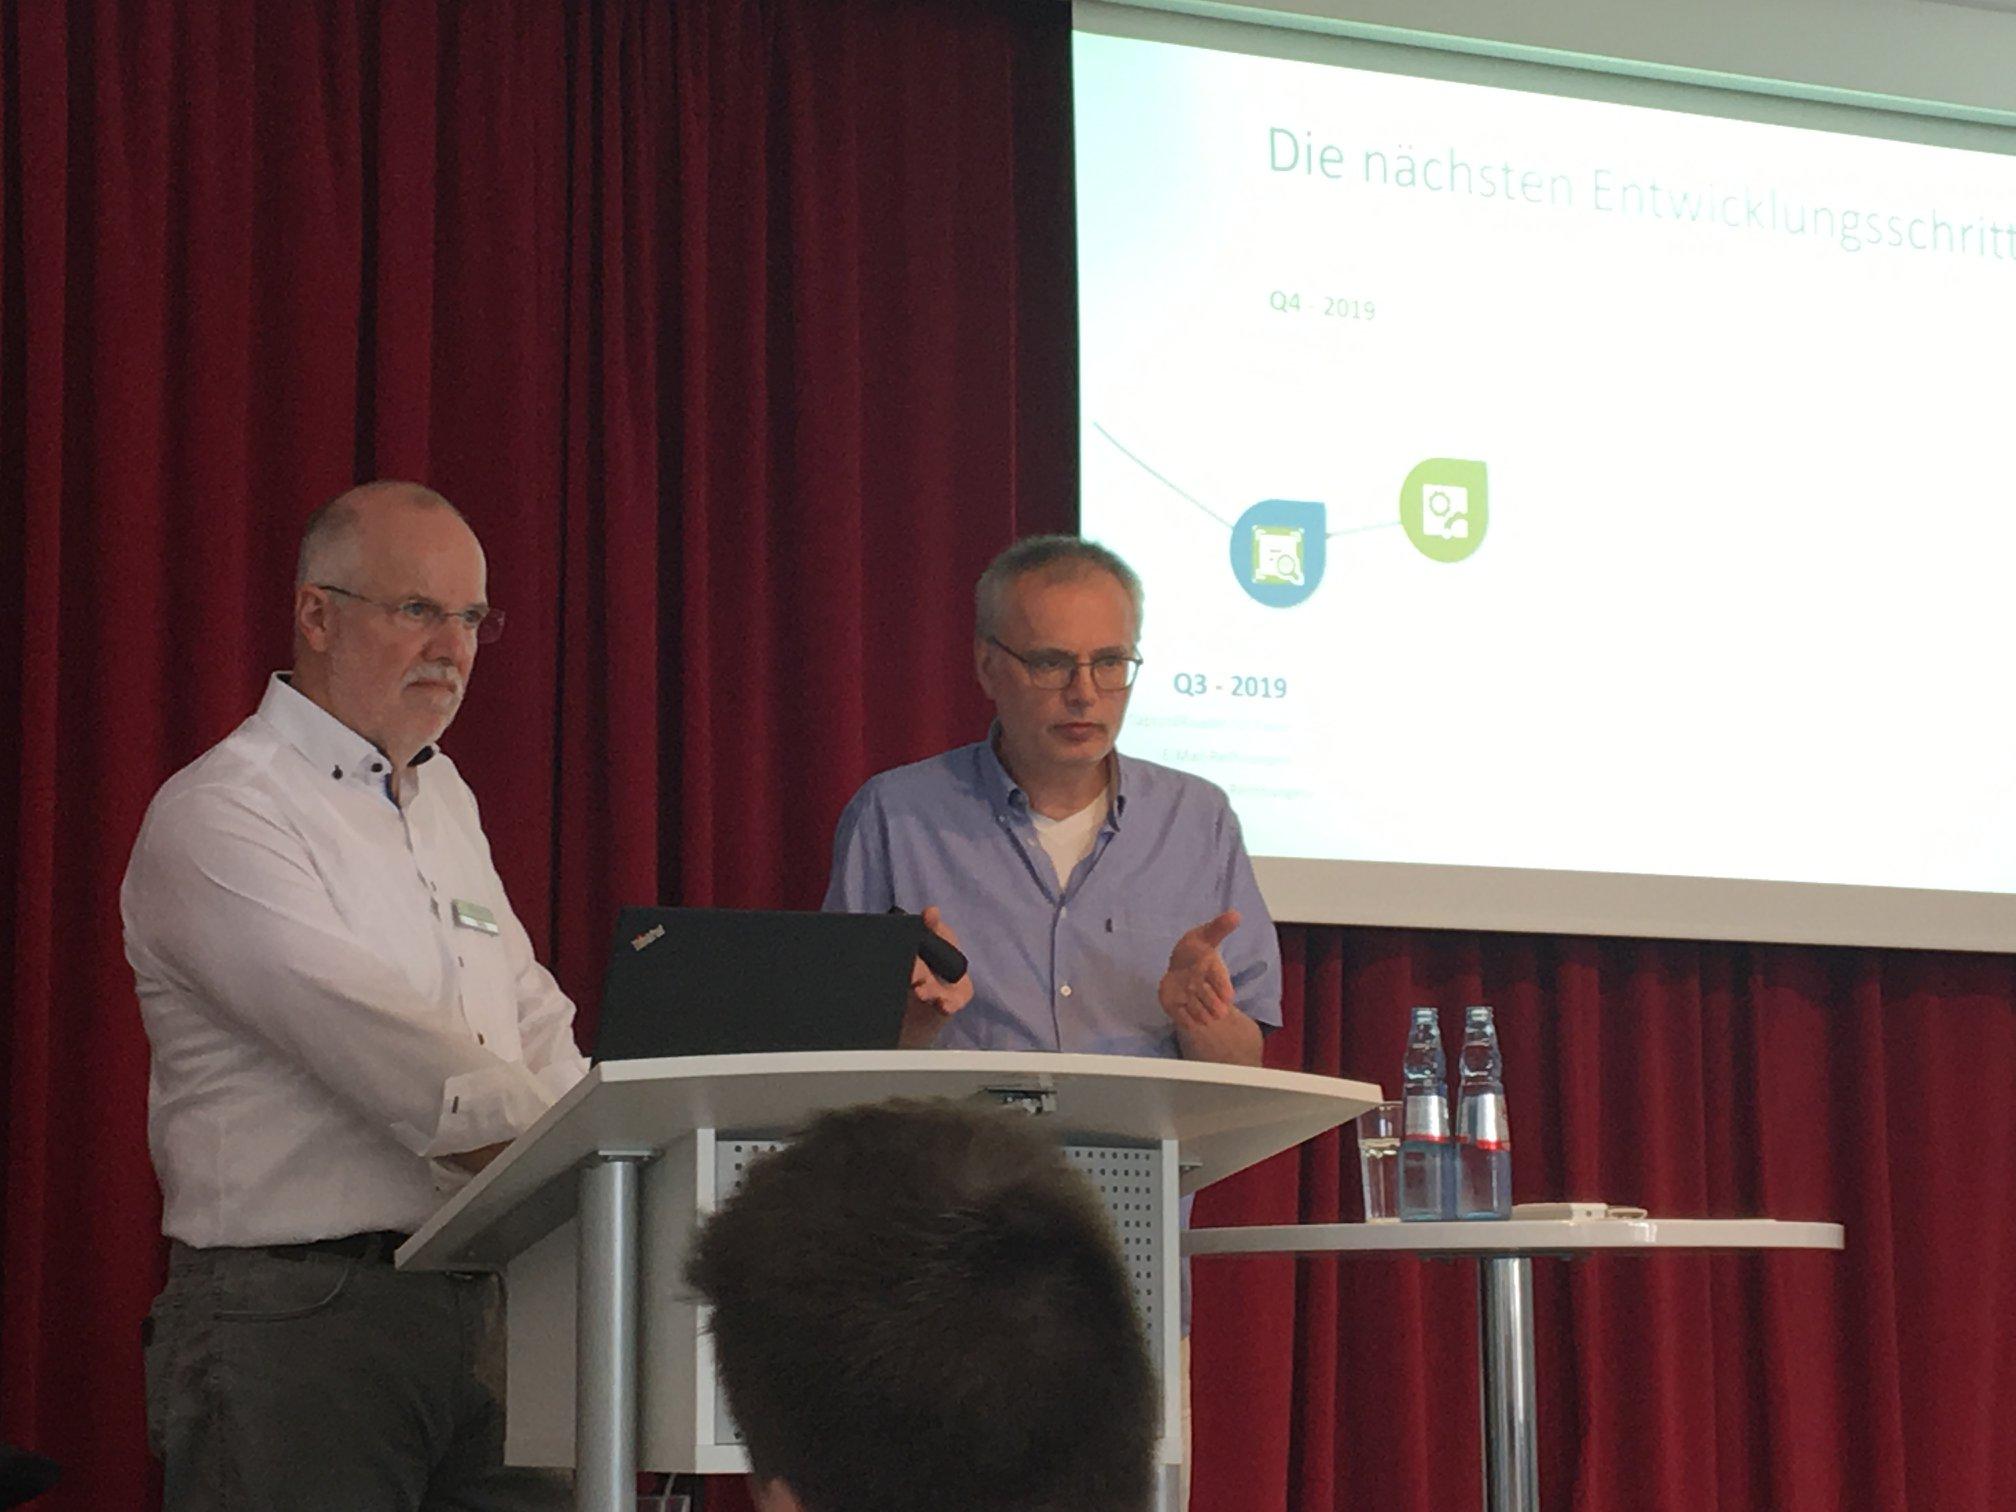 zwei Männer am Rednerpult bei einem Vortrag